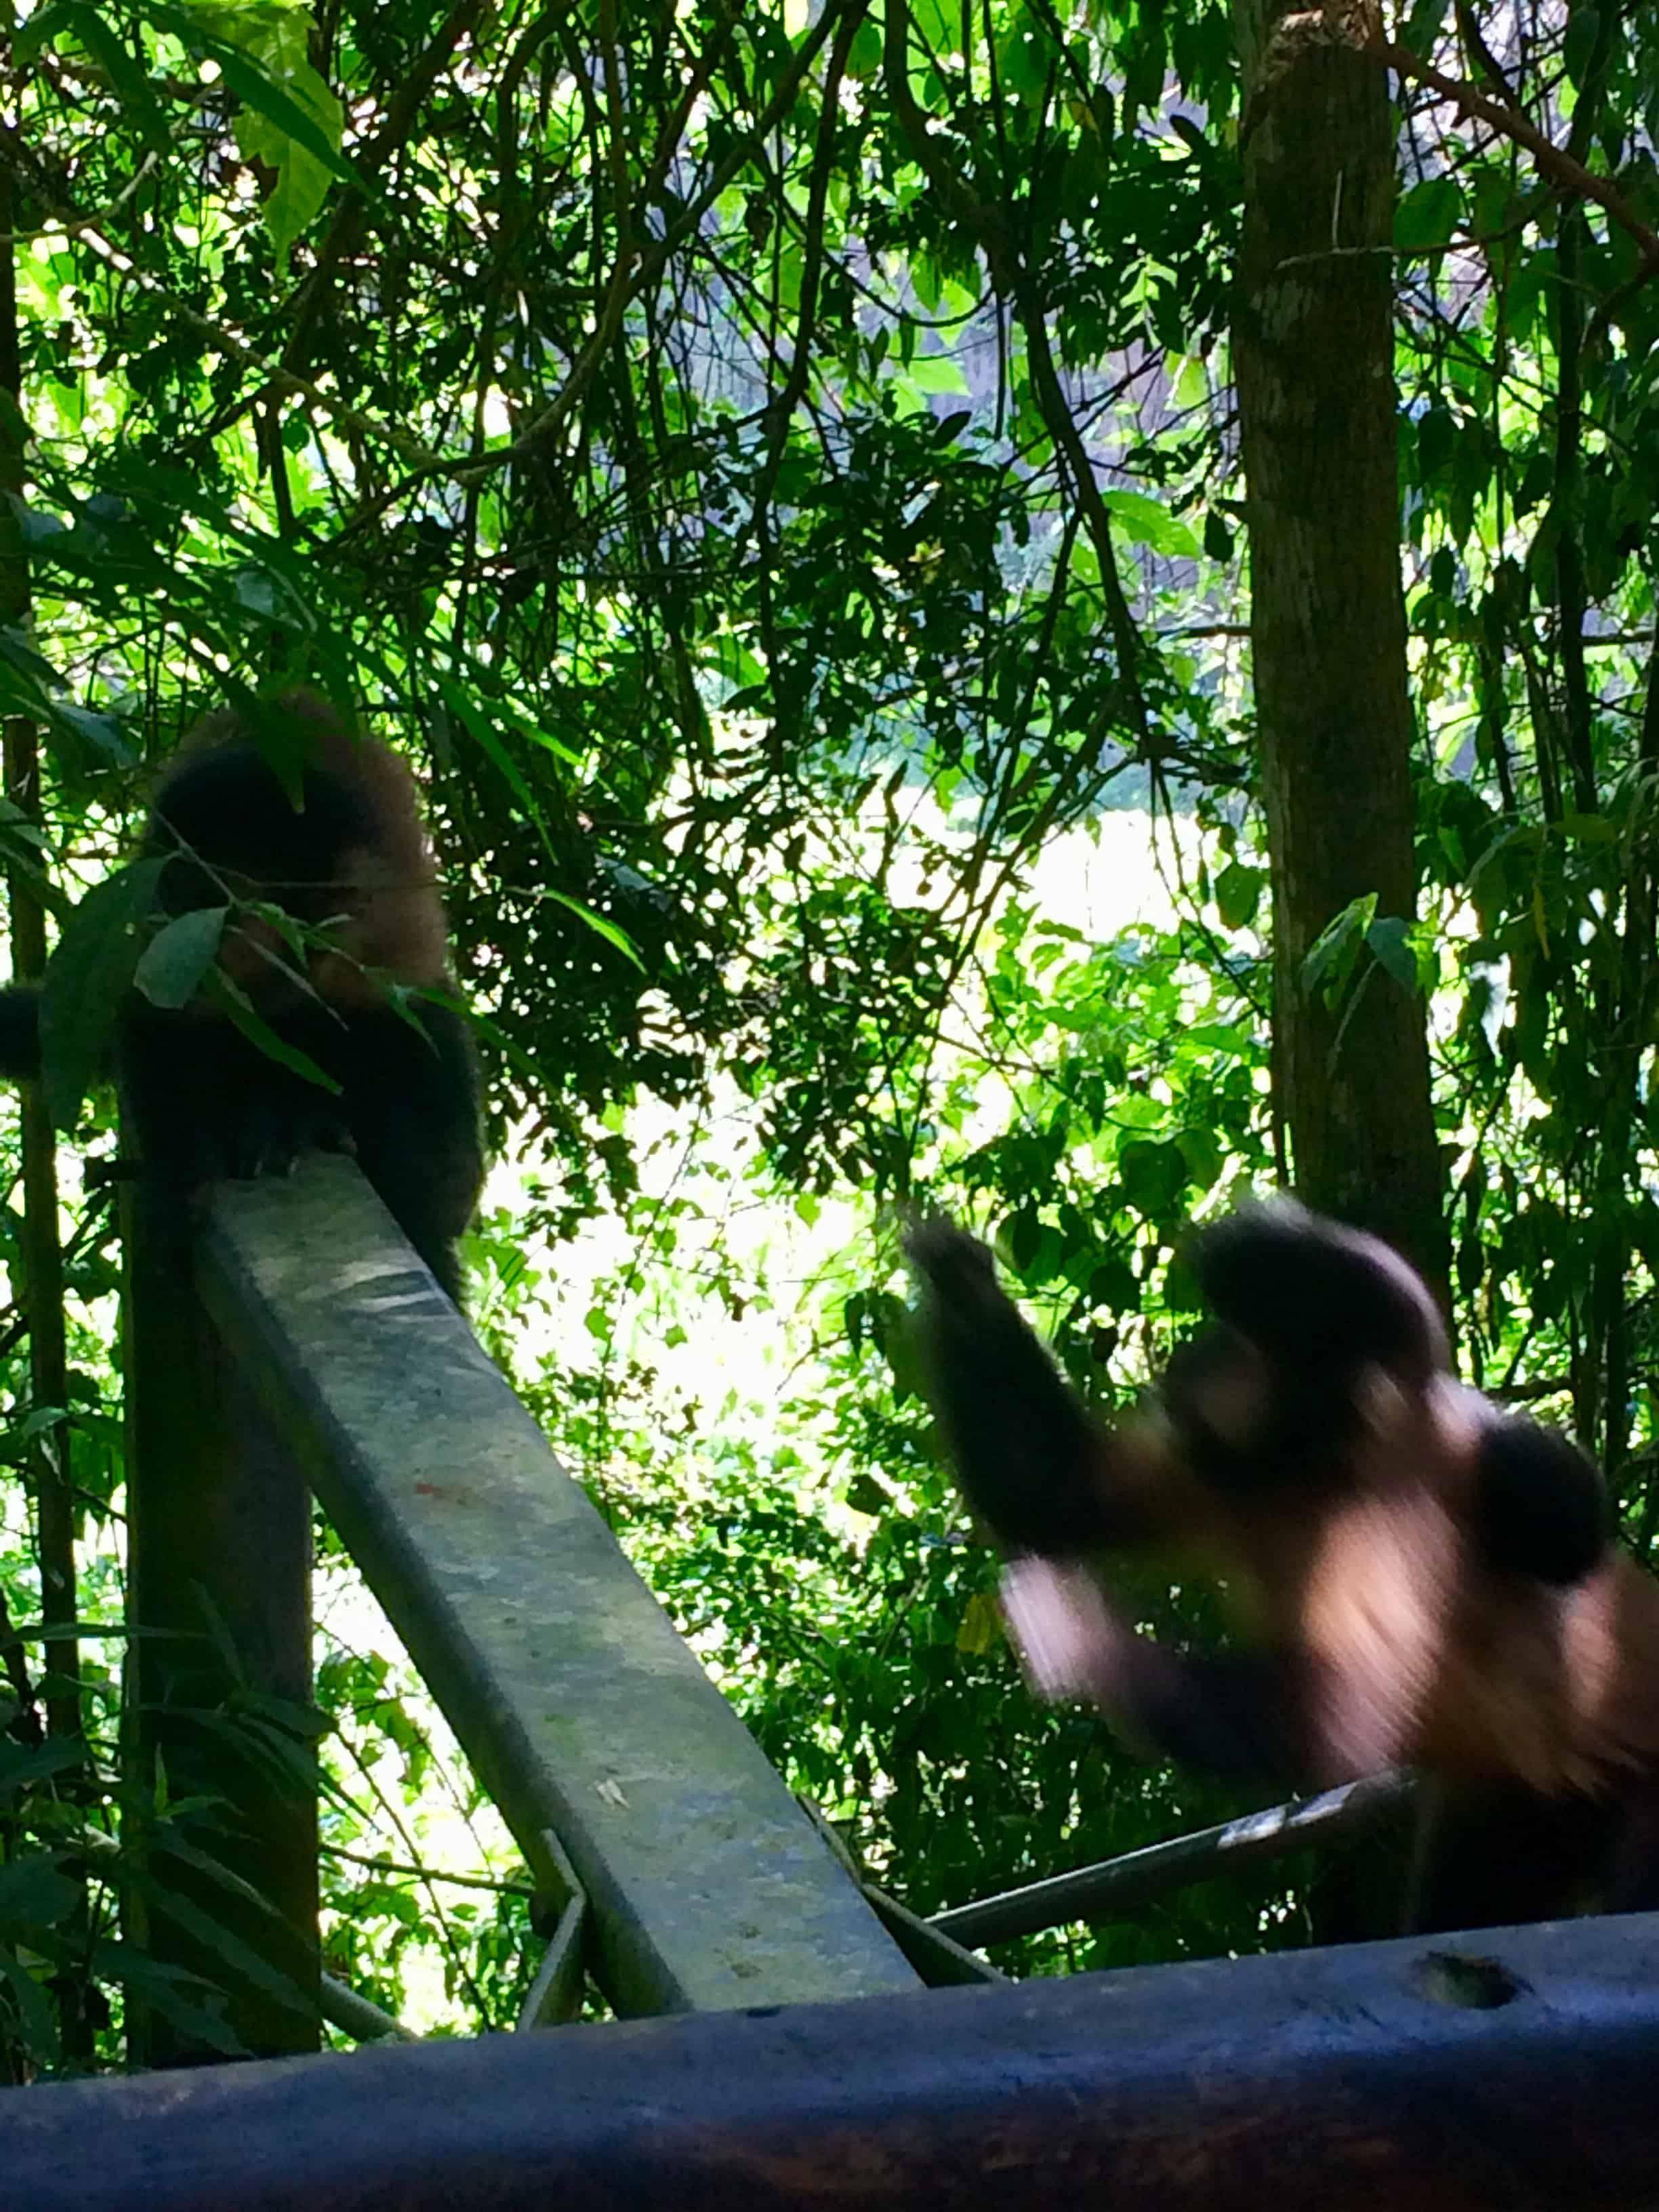 Chutes - Iguazú - Brésil - Argentine - Paraguay - naturel - impressionnant - magnifique -